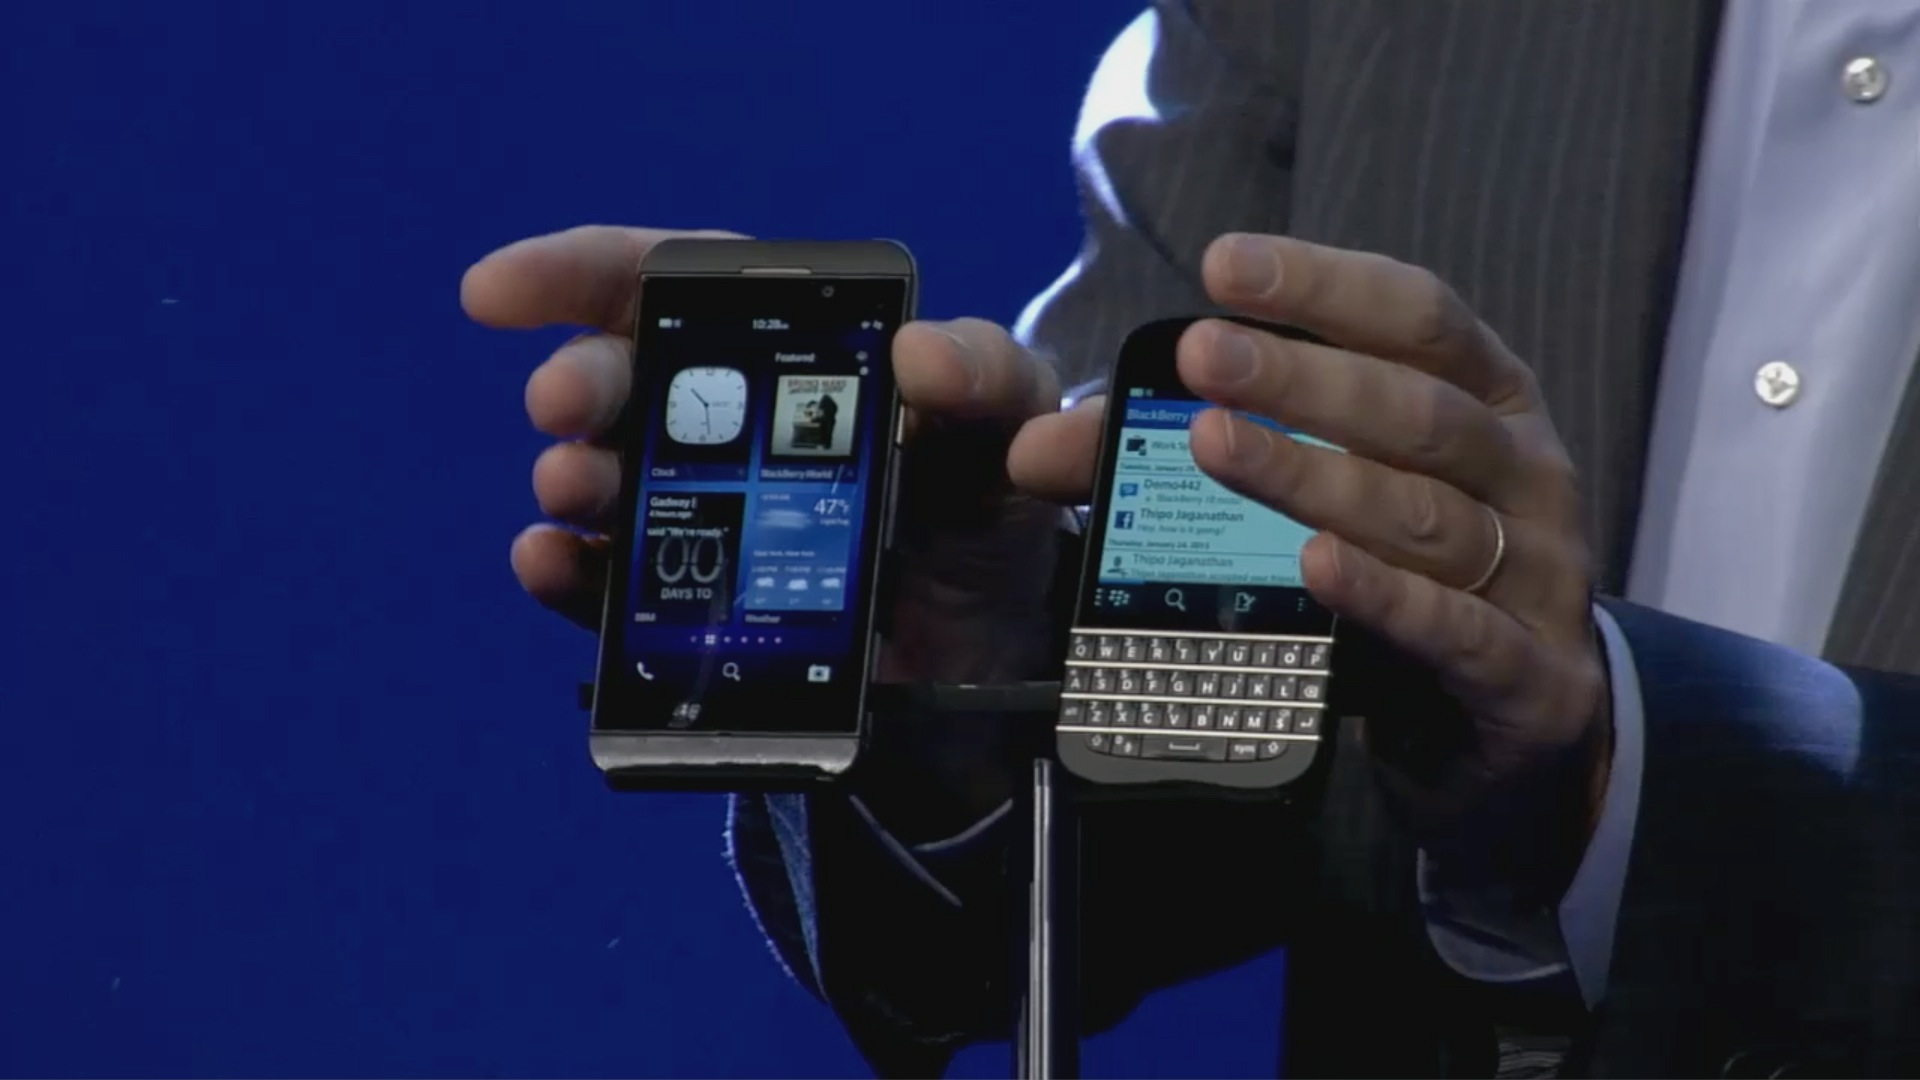 Blackberry Z10 und Q10: Erste Smartphones mit Blackberry 10 vorgestellt - Blackberry stellt Z10 und Q10 vor (Quelle: Blackberry / Screenshot: Golem.de)